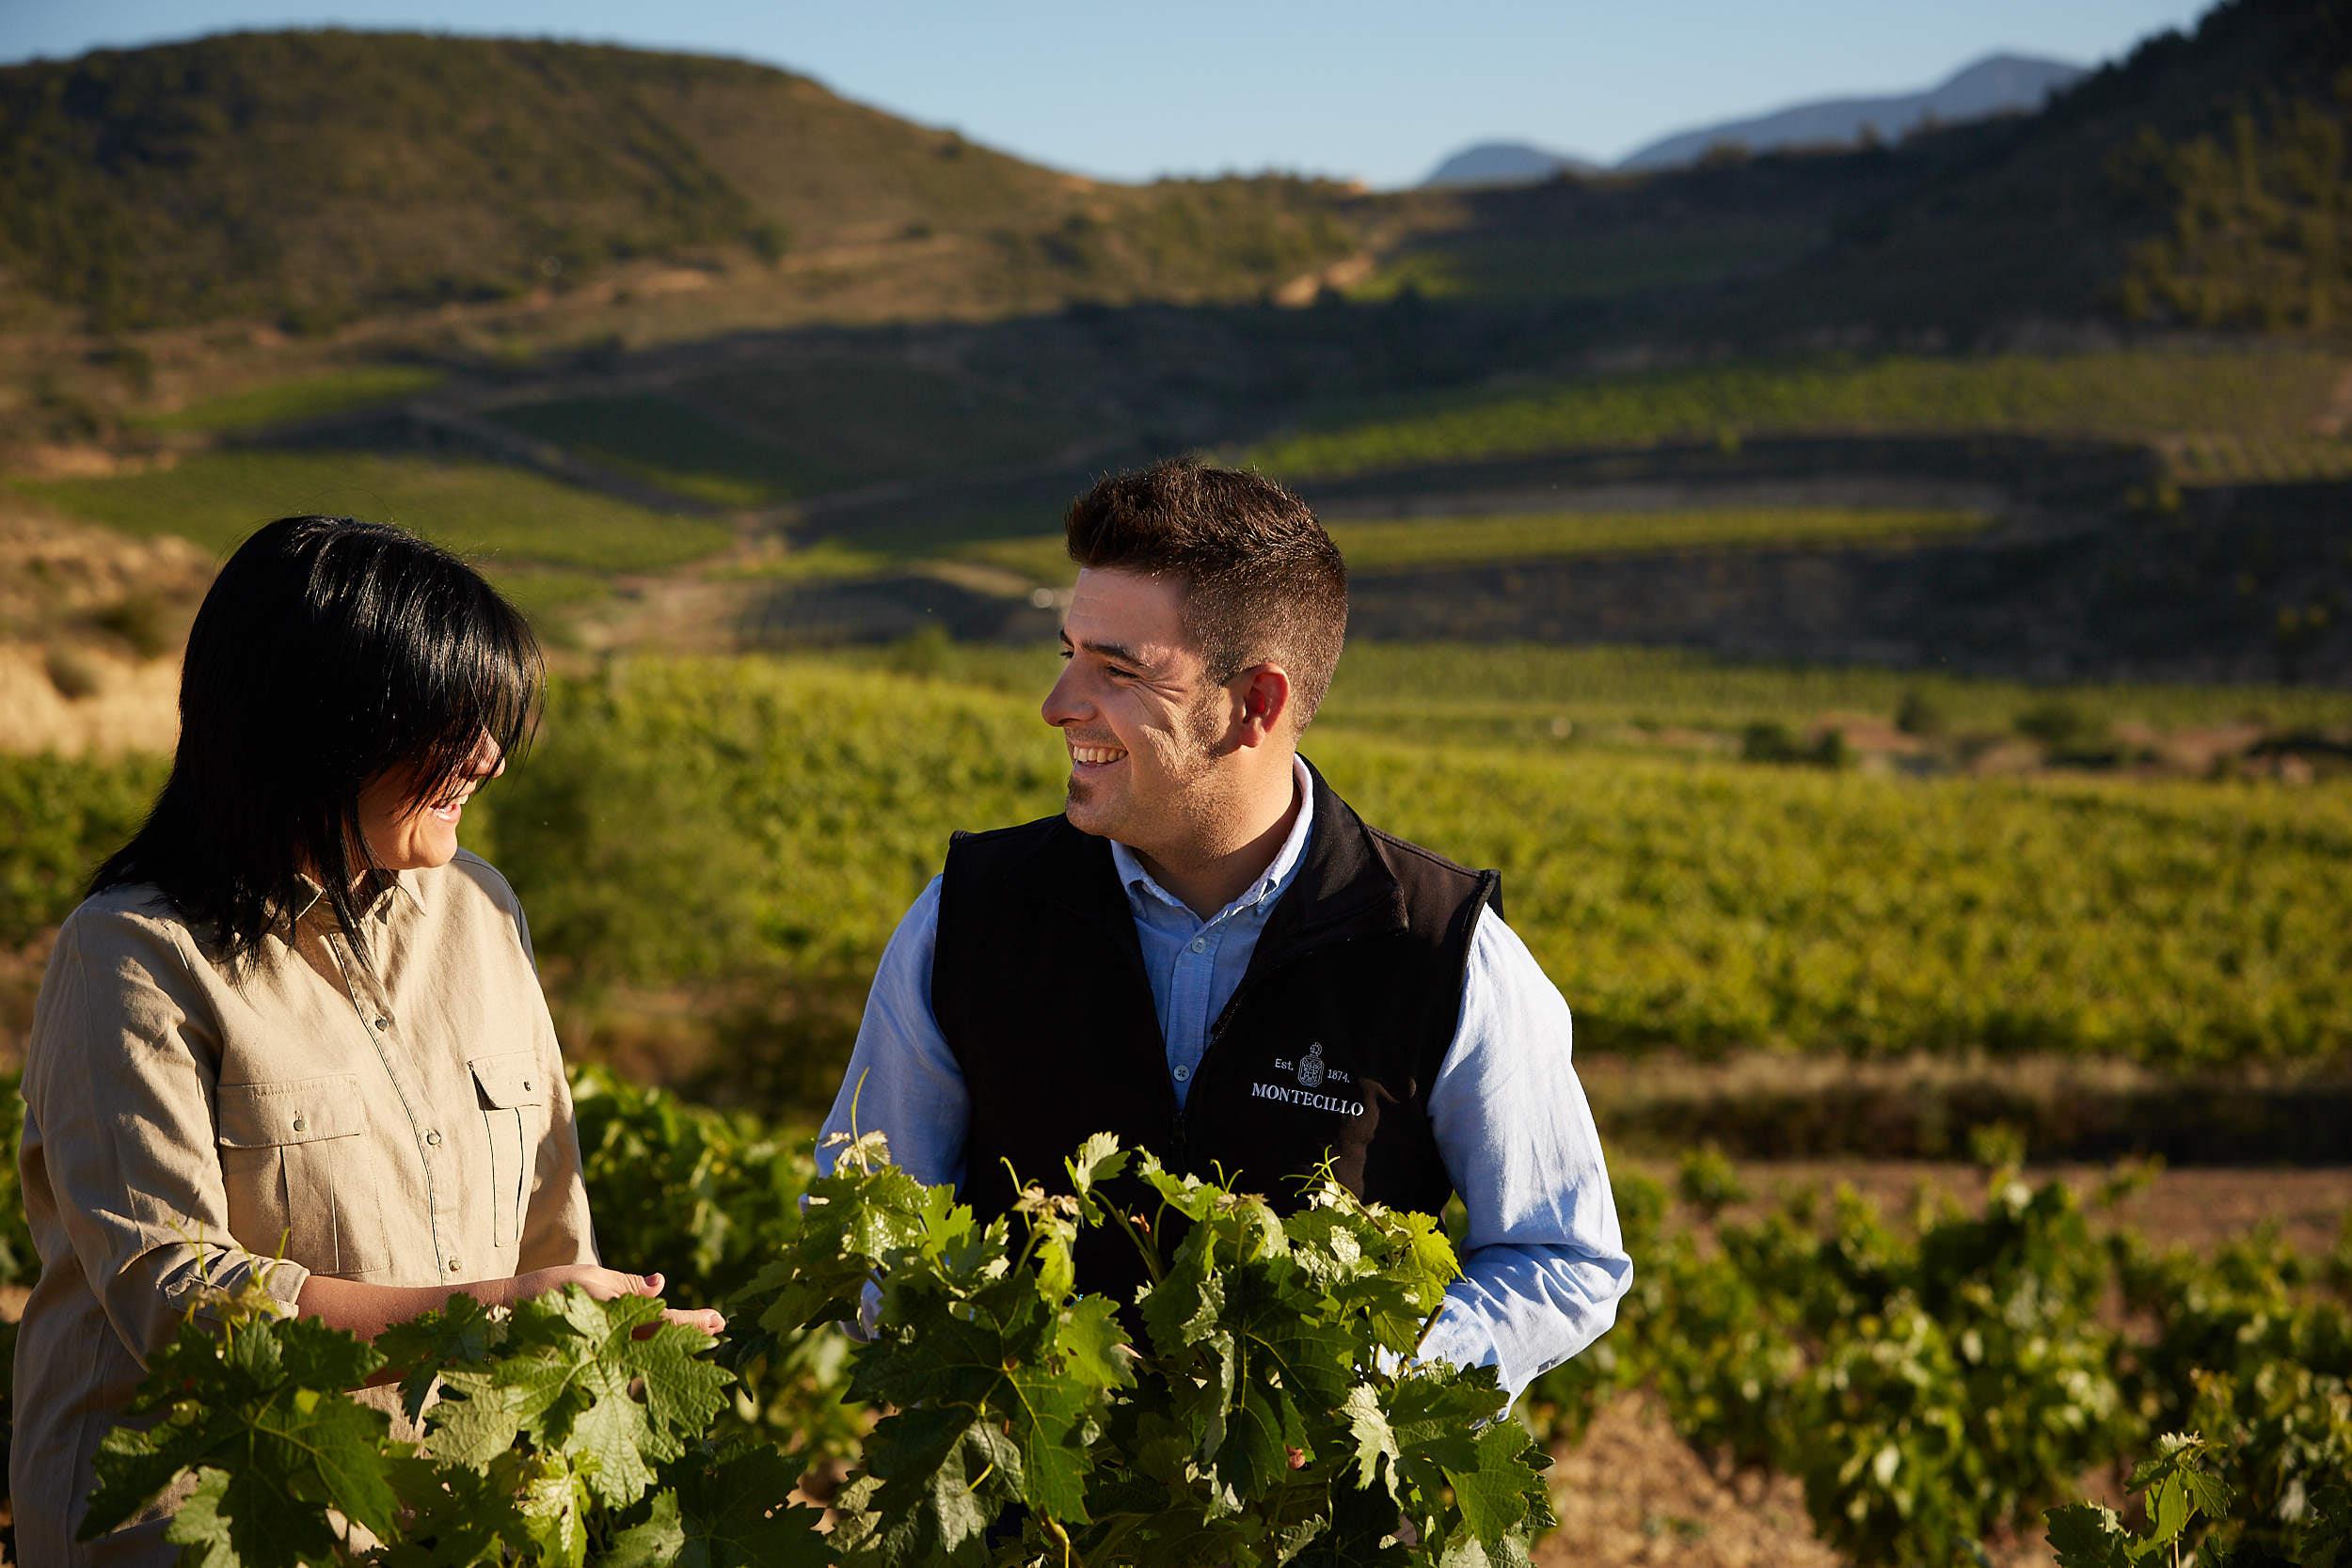 1706Montecillo_Winery_La_Rioja_Spain_Sturcke_0006.jpg